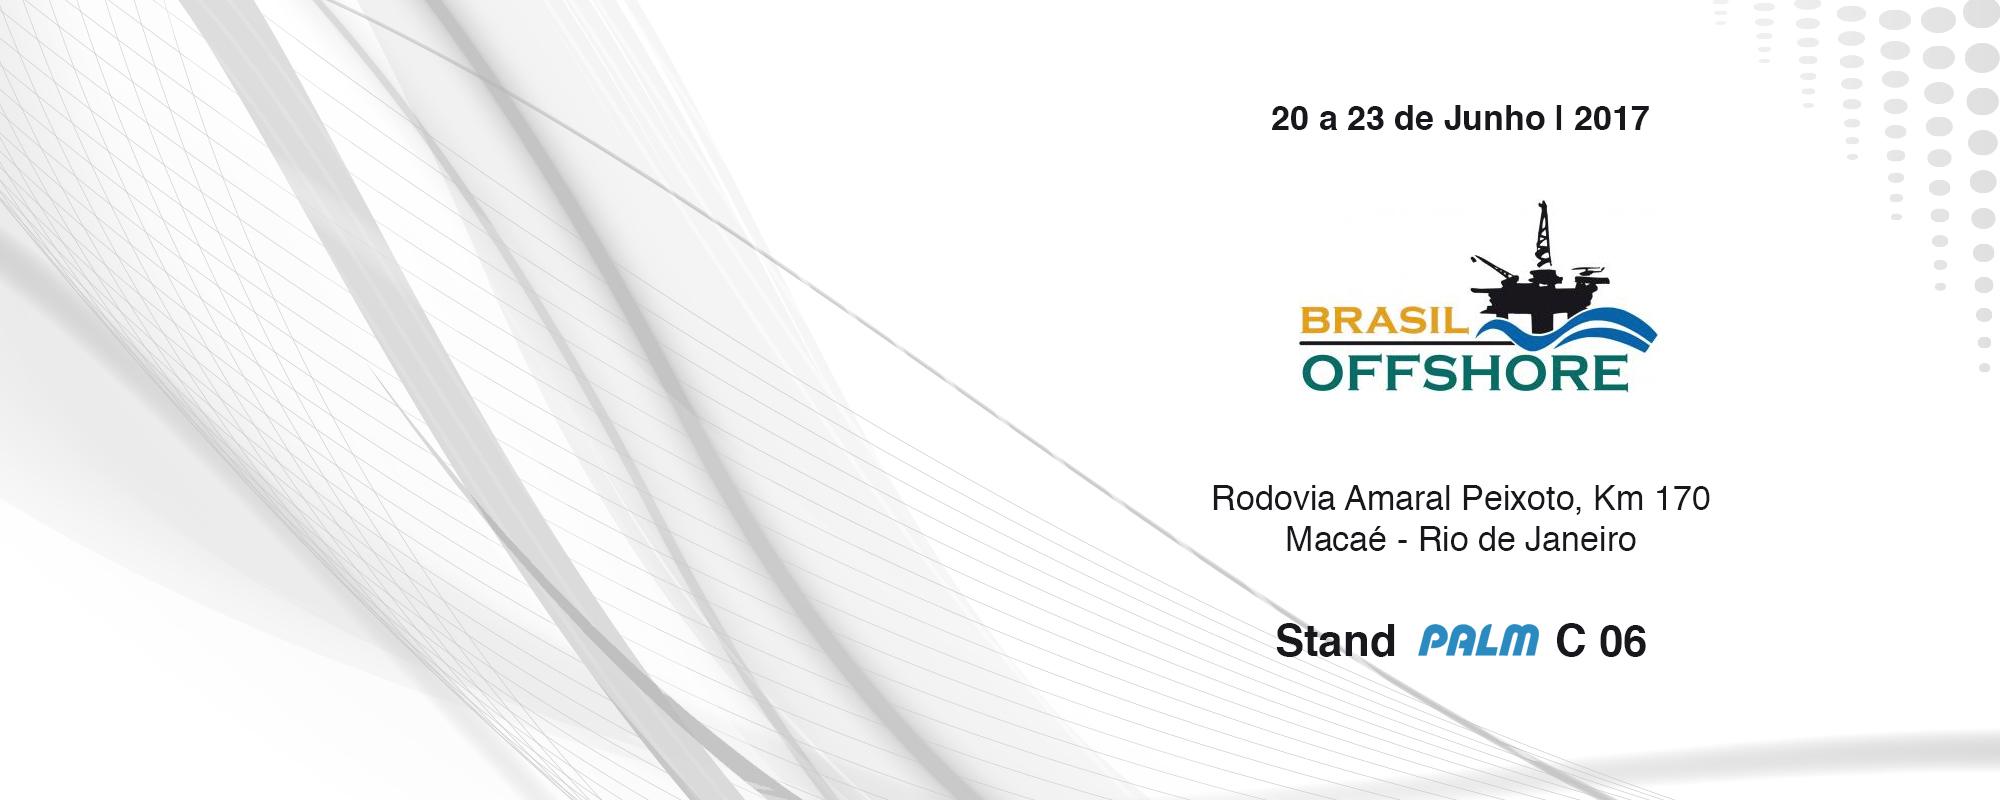 Feira e Conferência Internacional da Indústria de Petróleo e Gás